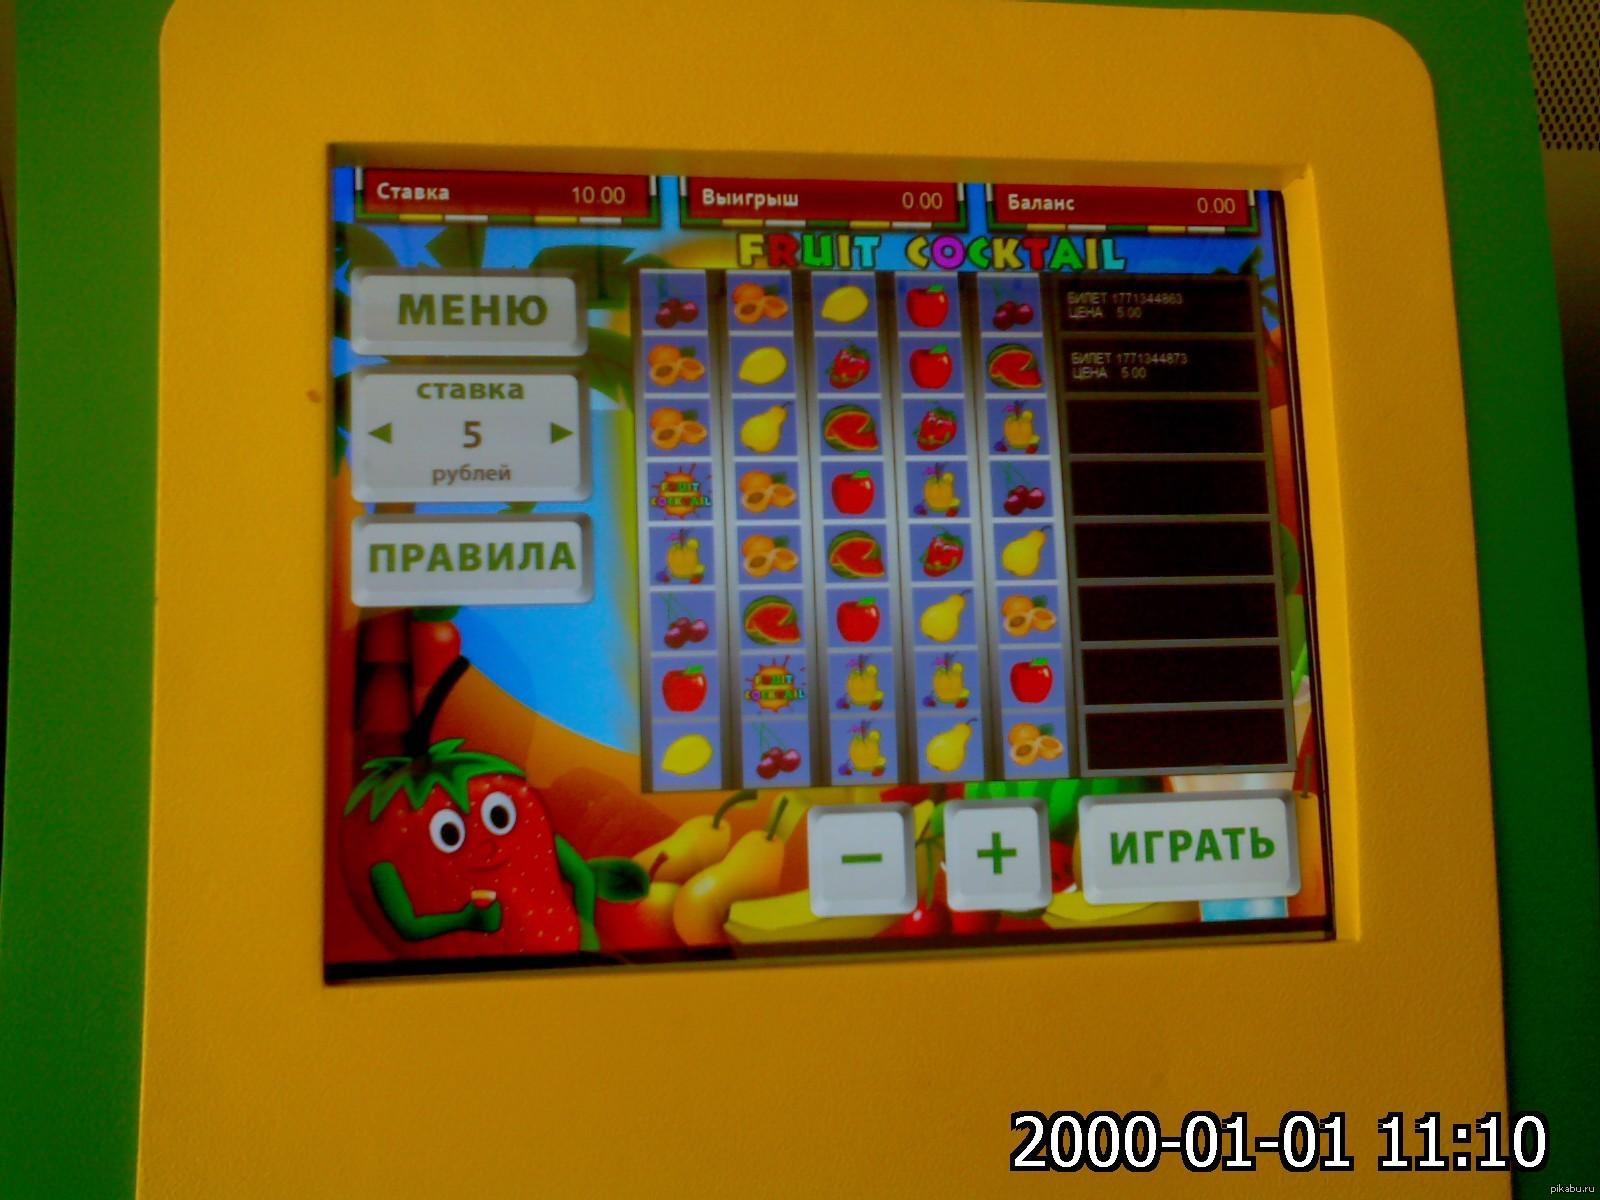 Играть В Азартные Игровые Автоматы